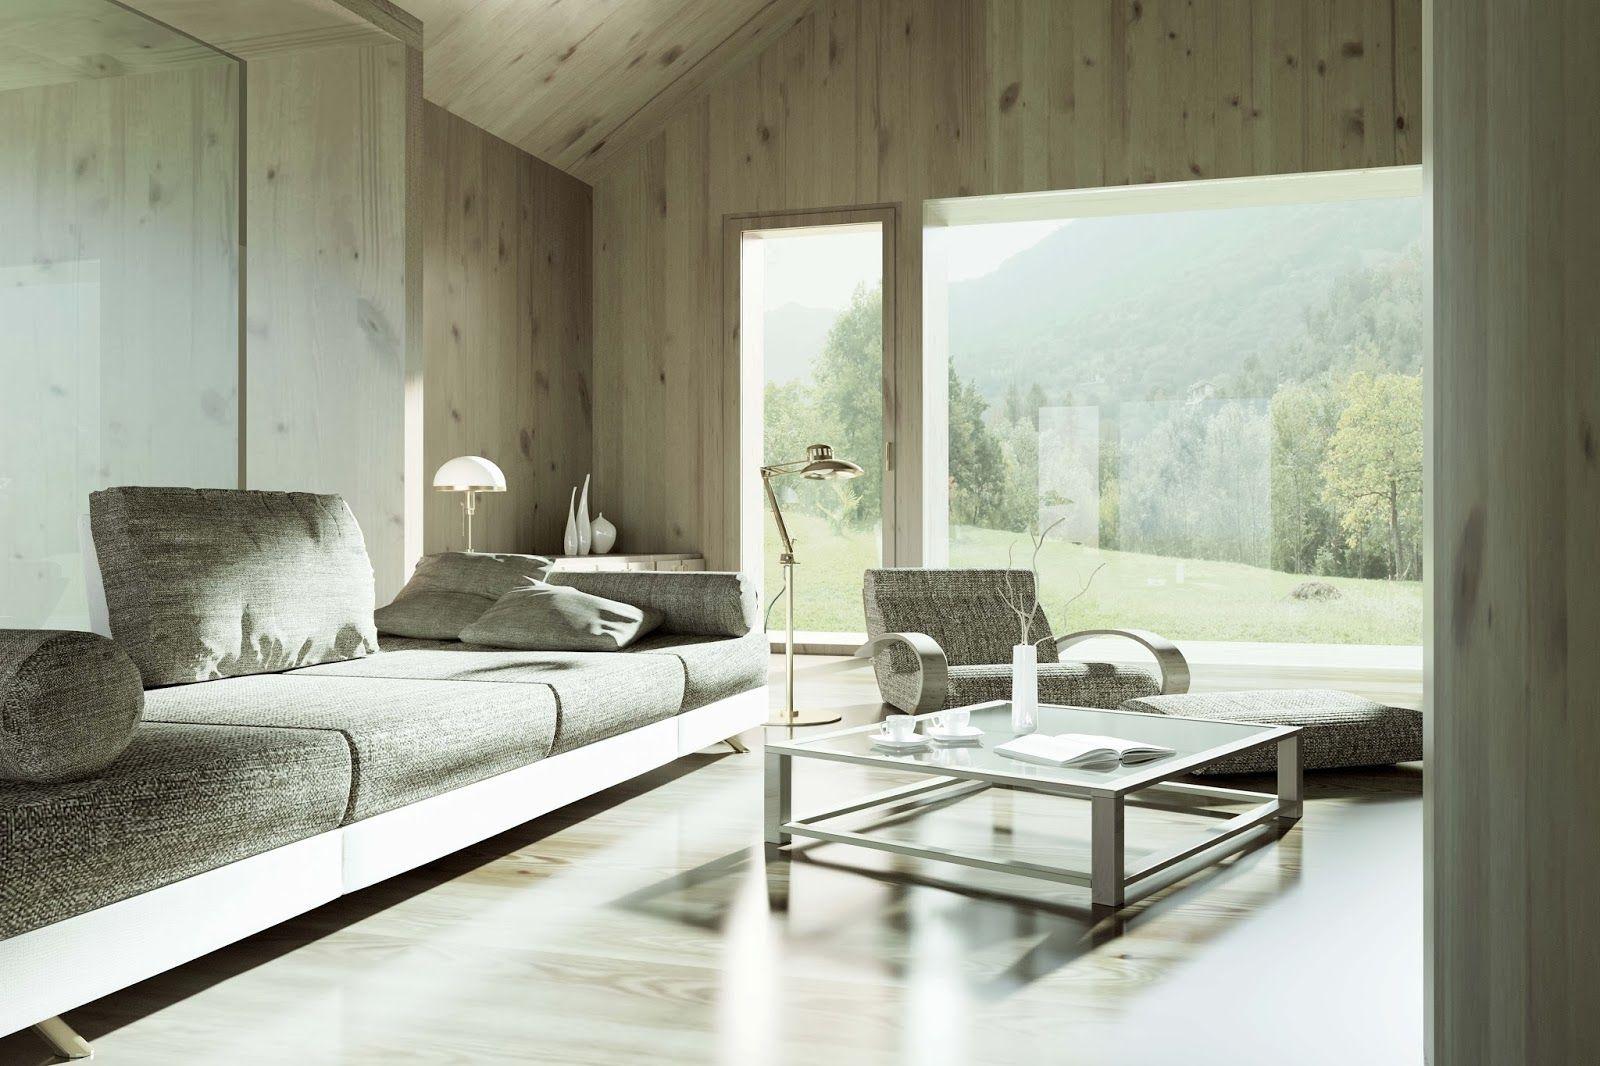 estudoquarto Study Architecture: FIRST PASSIVE HOUSE